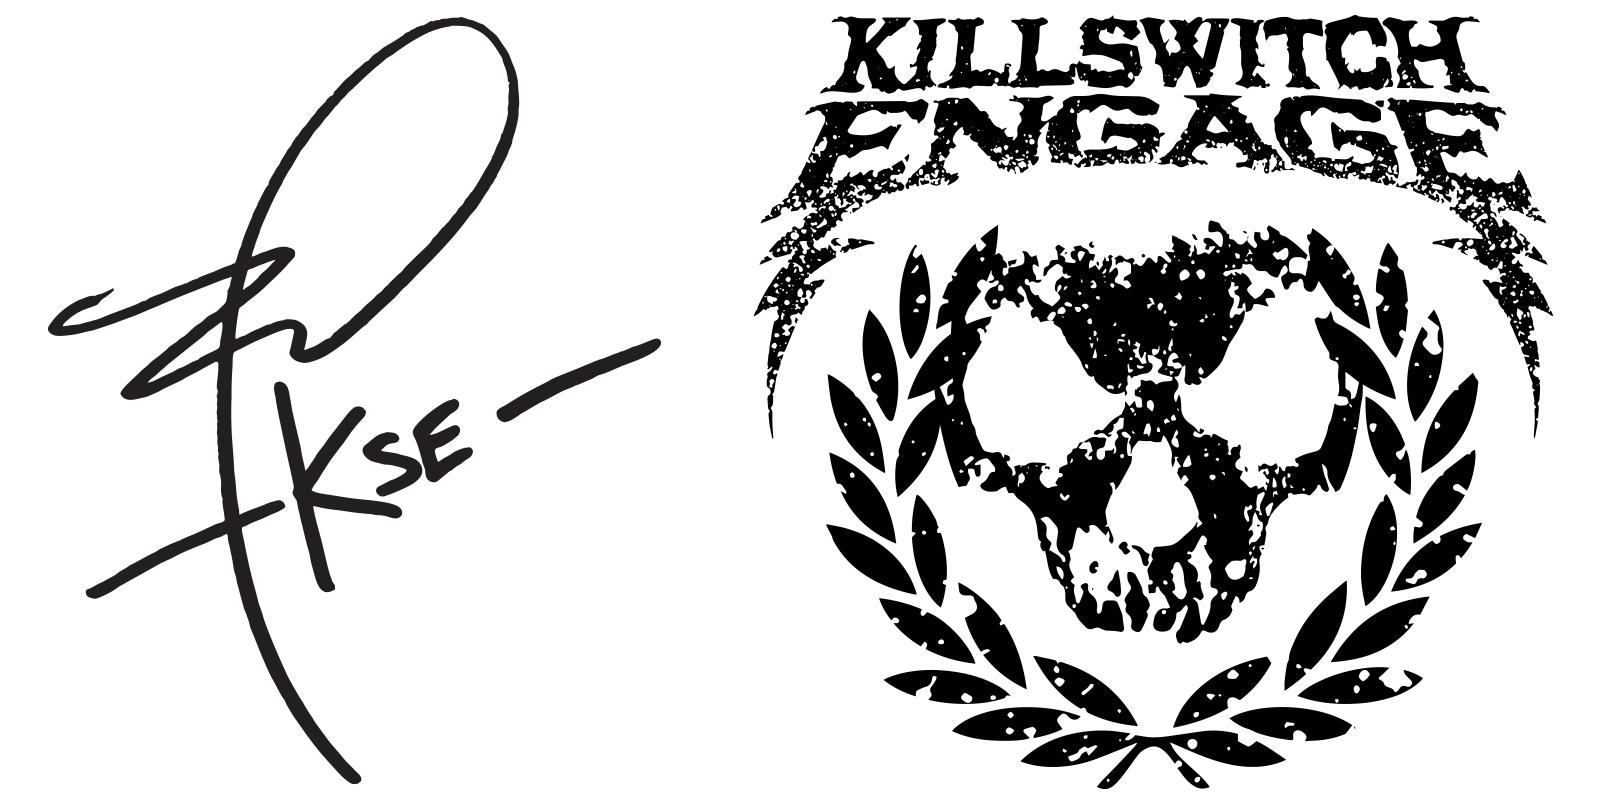 Caparison Dellinger-JSM, Joel Stroetzel (Killswitch Engage